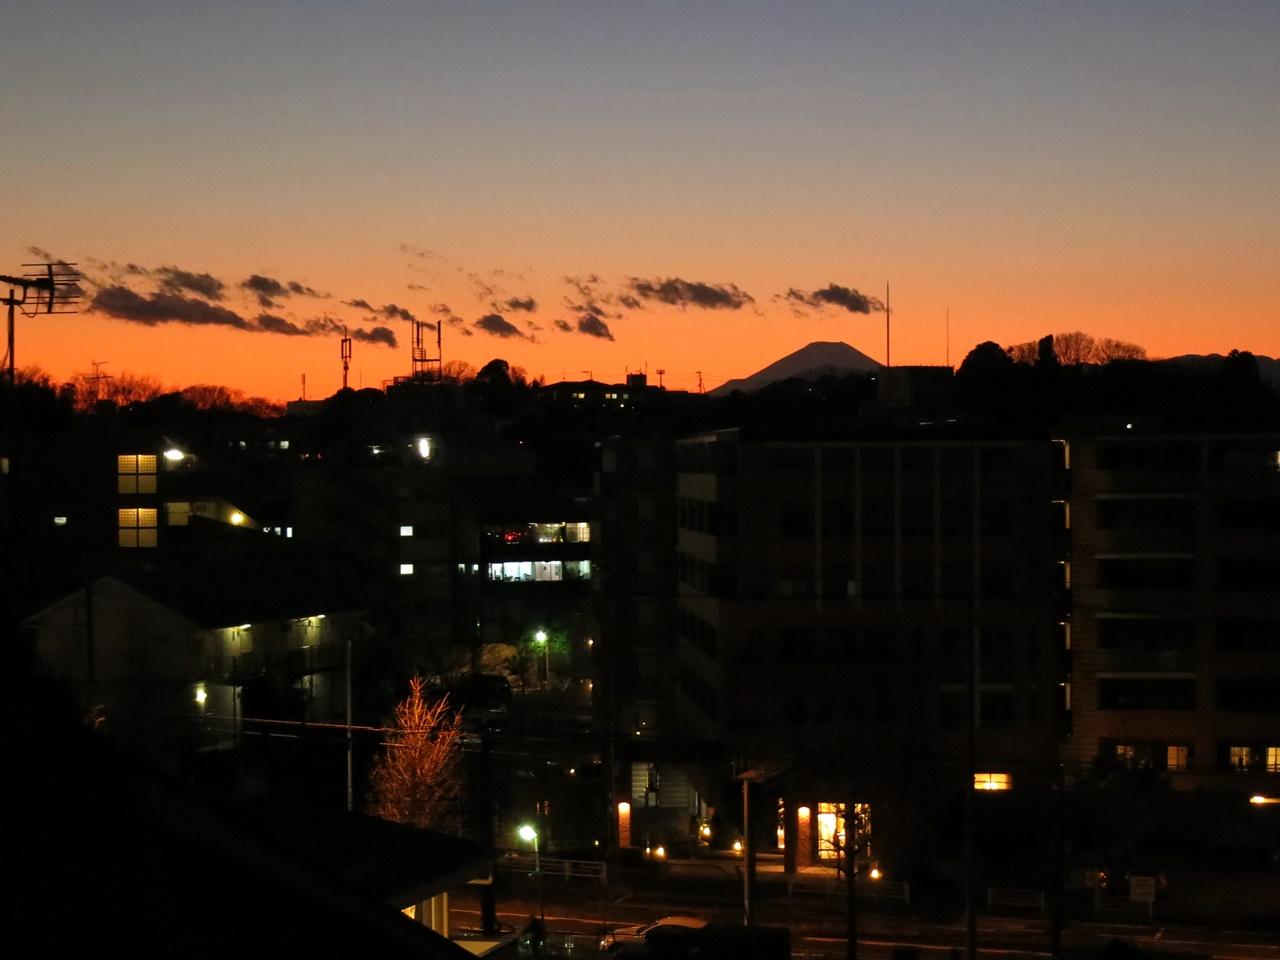 富士山 アルバムに追加 夕焼け富士山